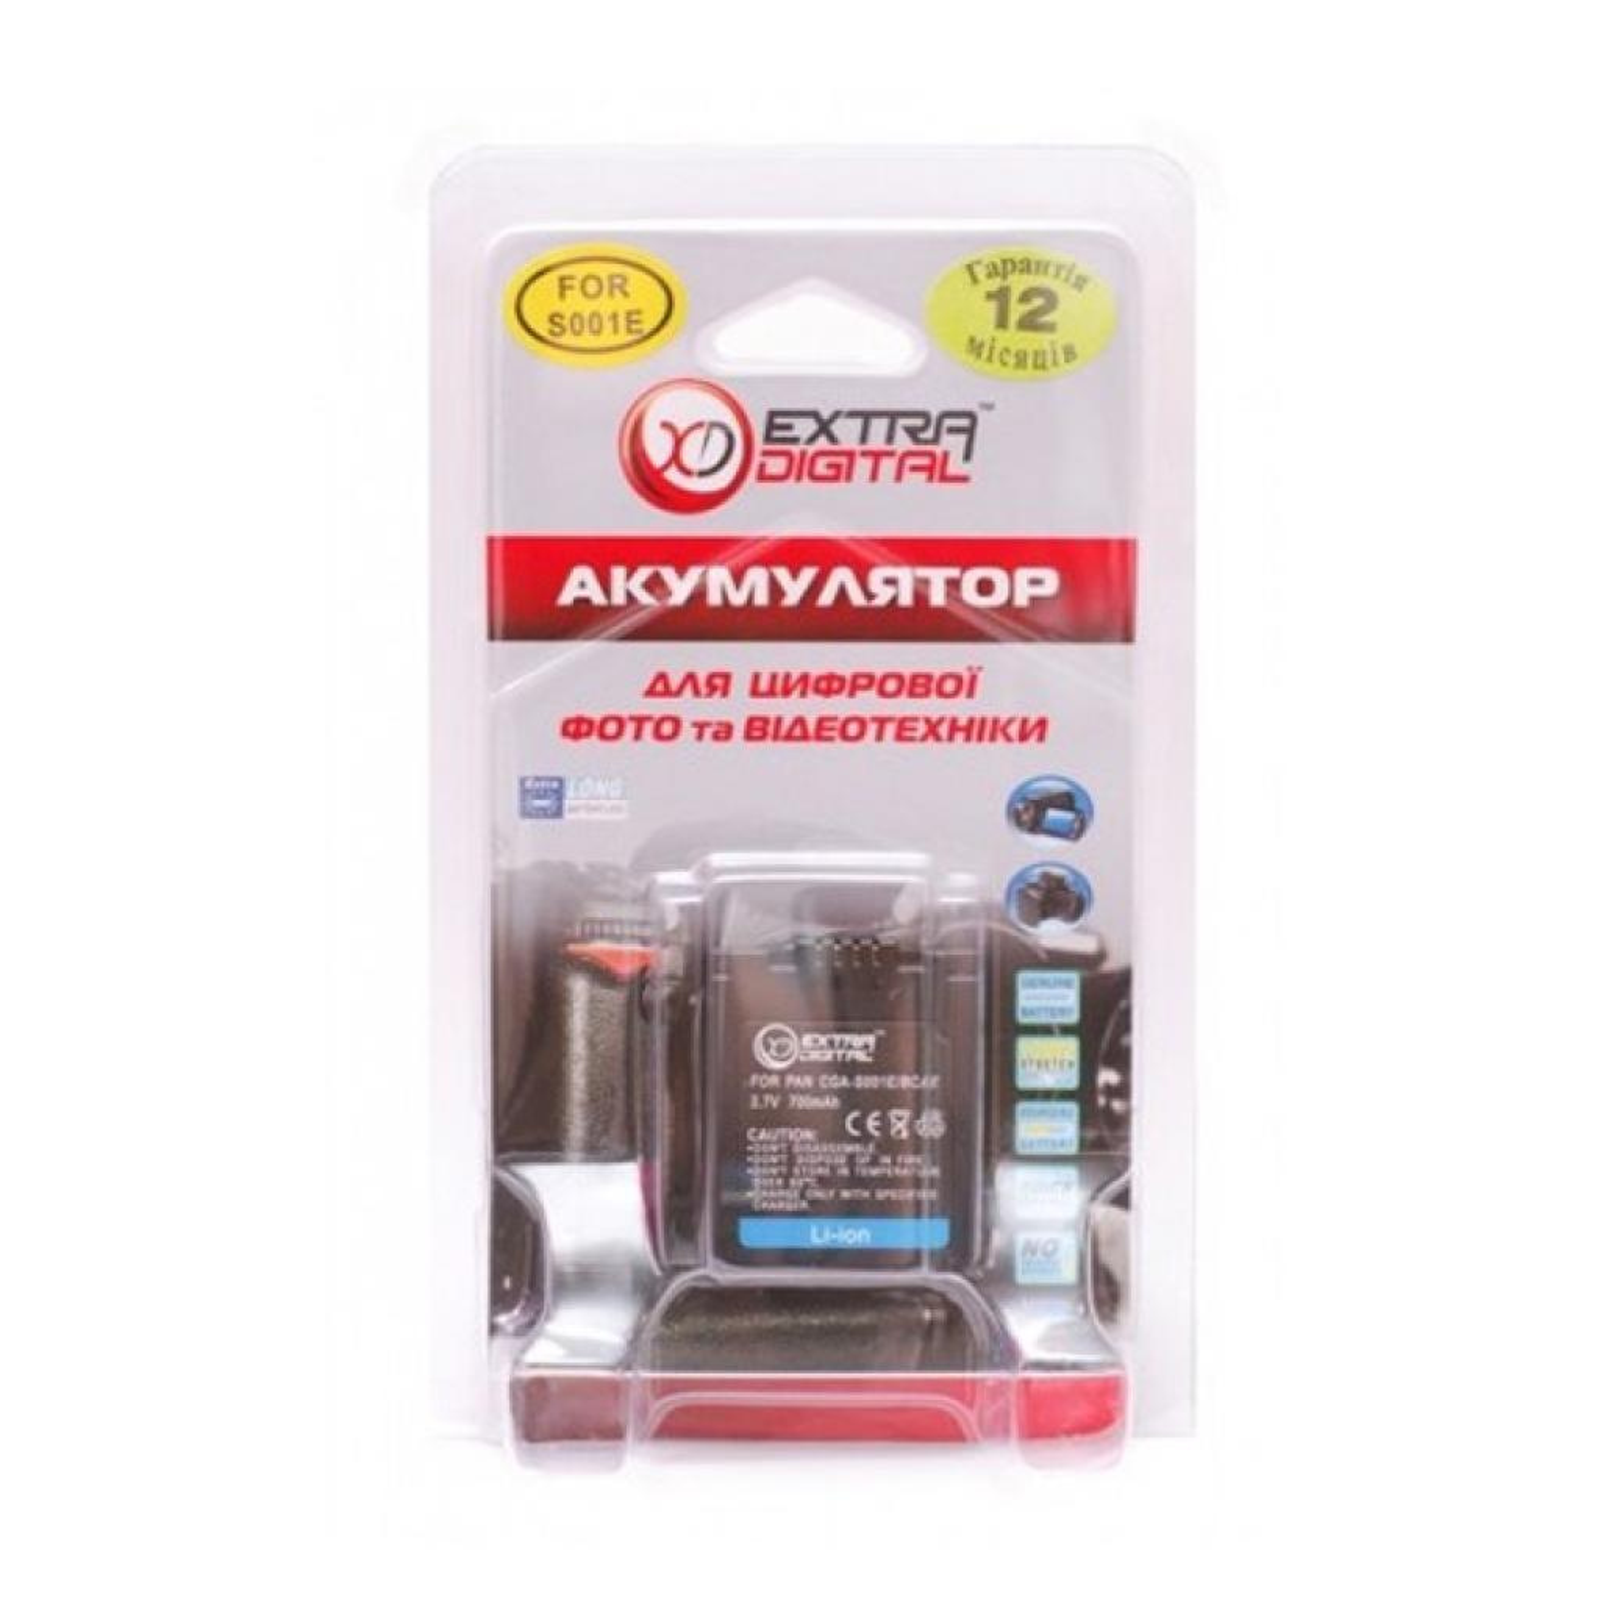 Аккумулятор к фото/видео EXTRADIGITAL Panasonic S001E, DMW-BCA7 (DV00DV1096) изображение 3